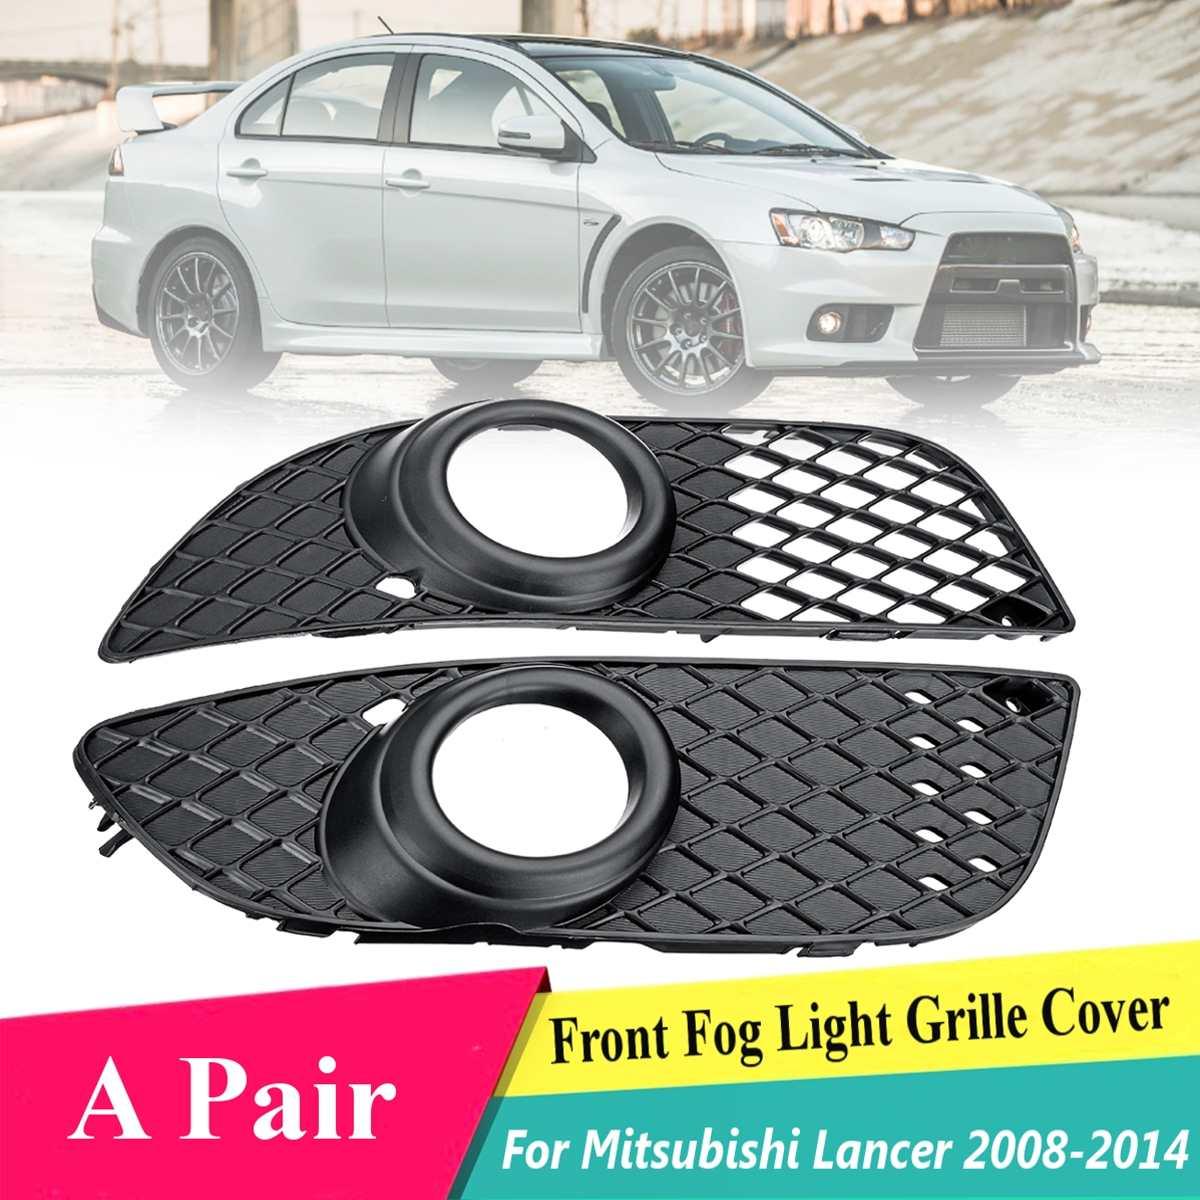 For Mitsubishi Lancer 2008 2009 2011 2012 2013 Pair Car